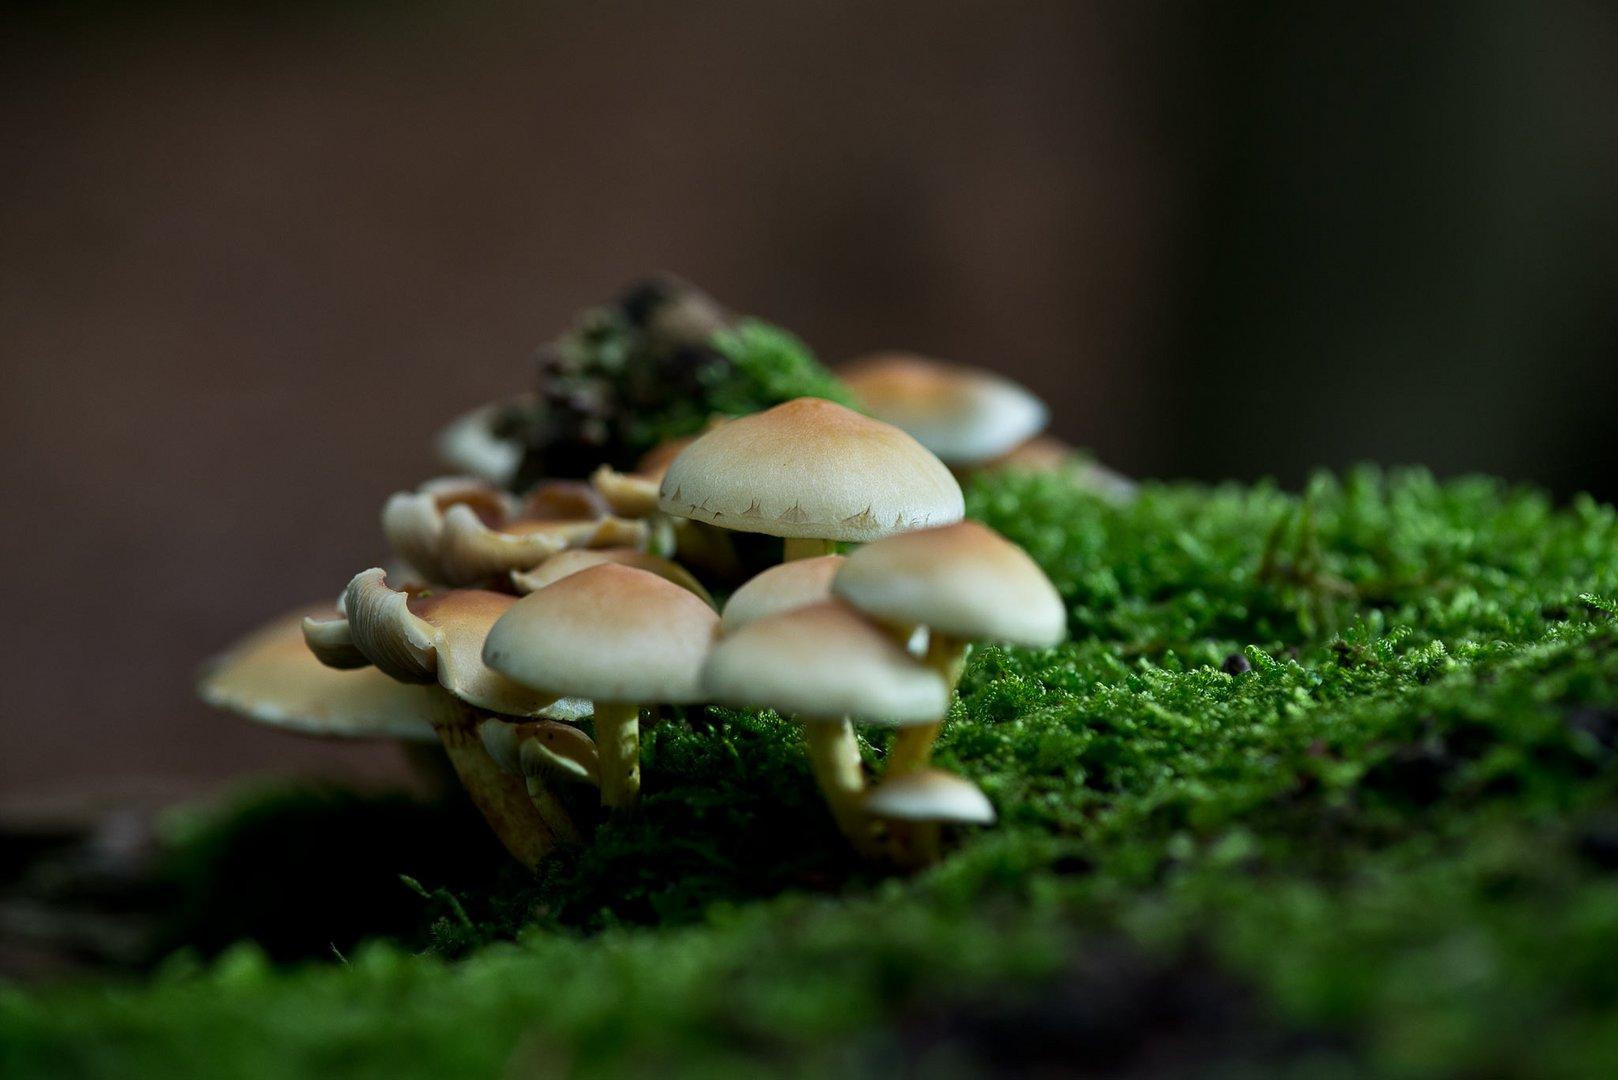 Pilze, derzeit ein schönes Ereigniss im Wald.